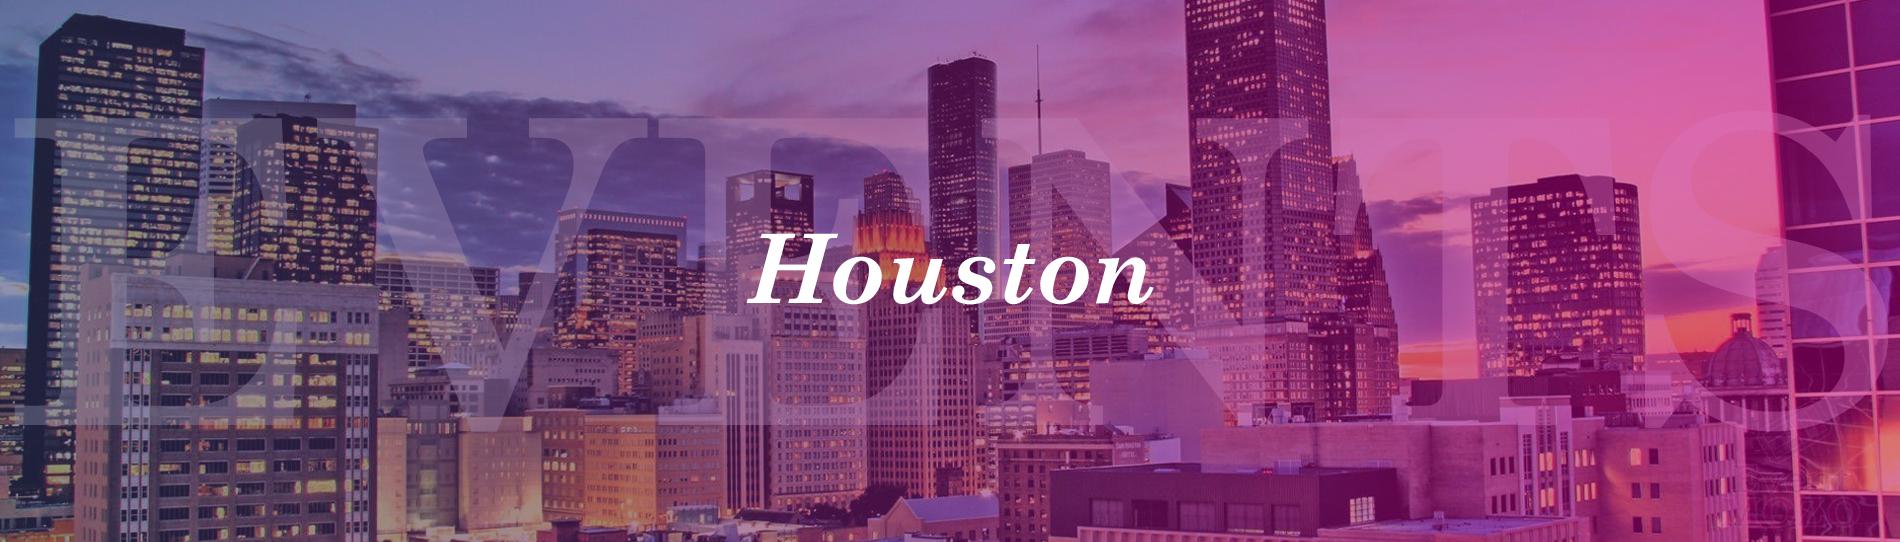 EventMozo Houston Events